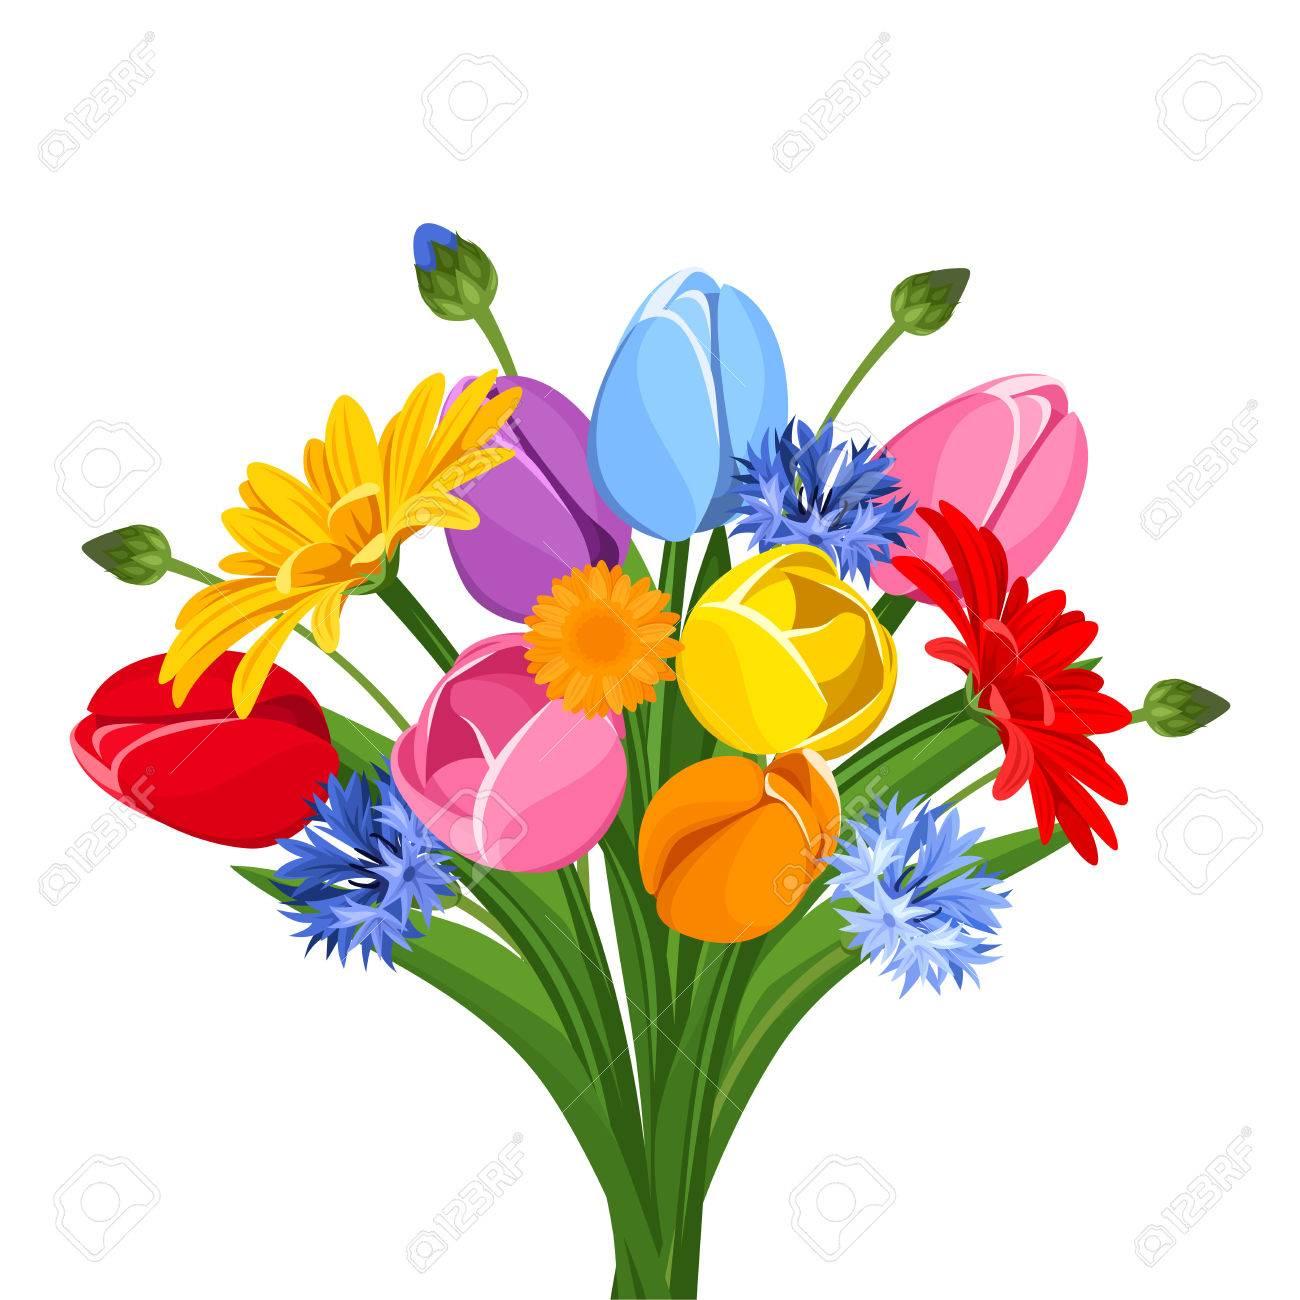 Bouquet De Tulipes Colorees Fleurs Gerbera Et Bleuets Vector Illustration Clip Art Libres De Droits Vecteurs Et Illustration Image 41252363